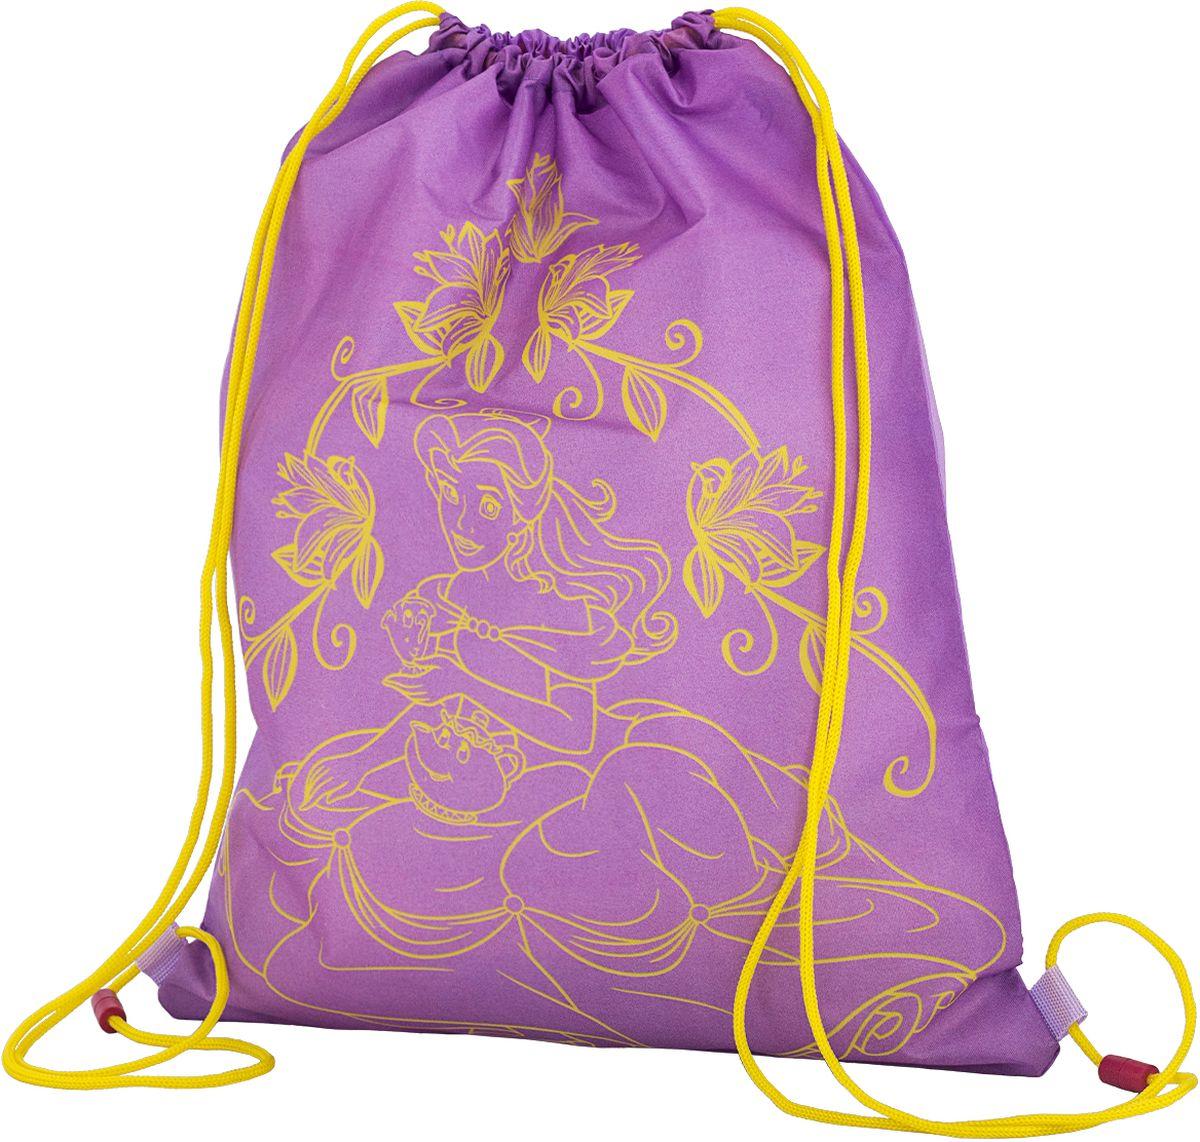 Disney Princess Сумка для сменной обуви PREB-MT2-88372523WDМешок для переноски обуви, выполнен из плотного водостойкого материала, затягивается сверху шнуром-лямкой и носится, как рюкзак. Размер 43 х 34 х 1 см.